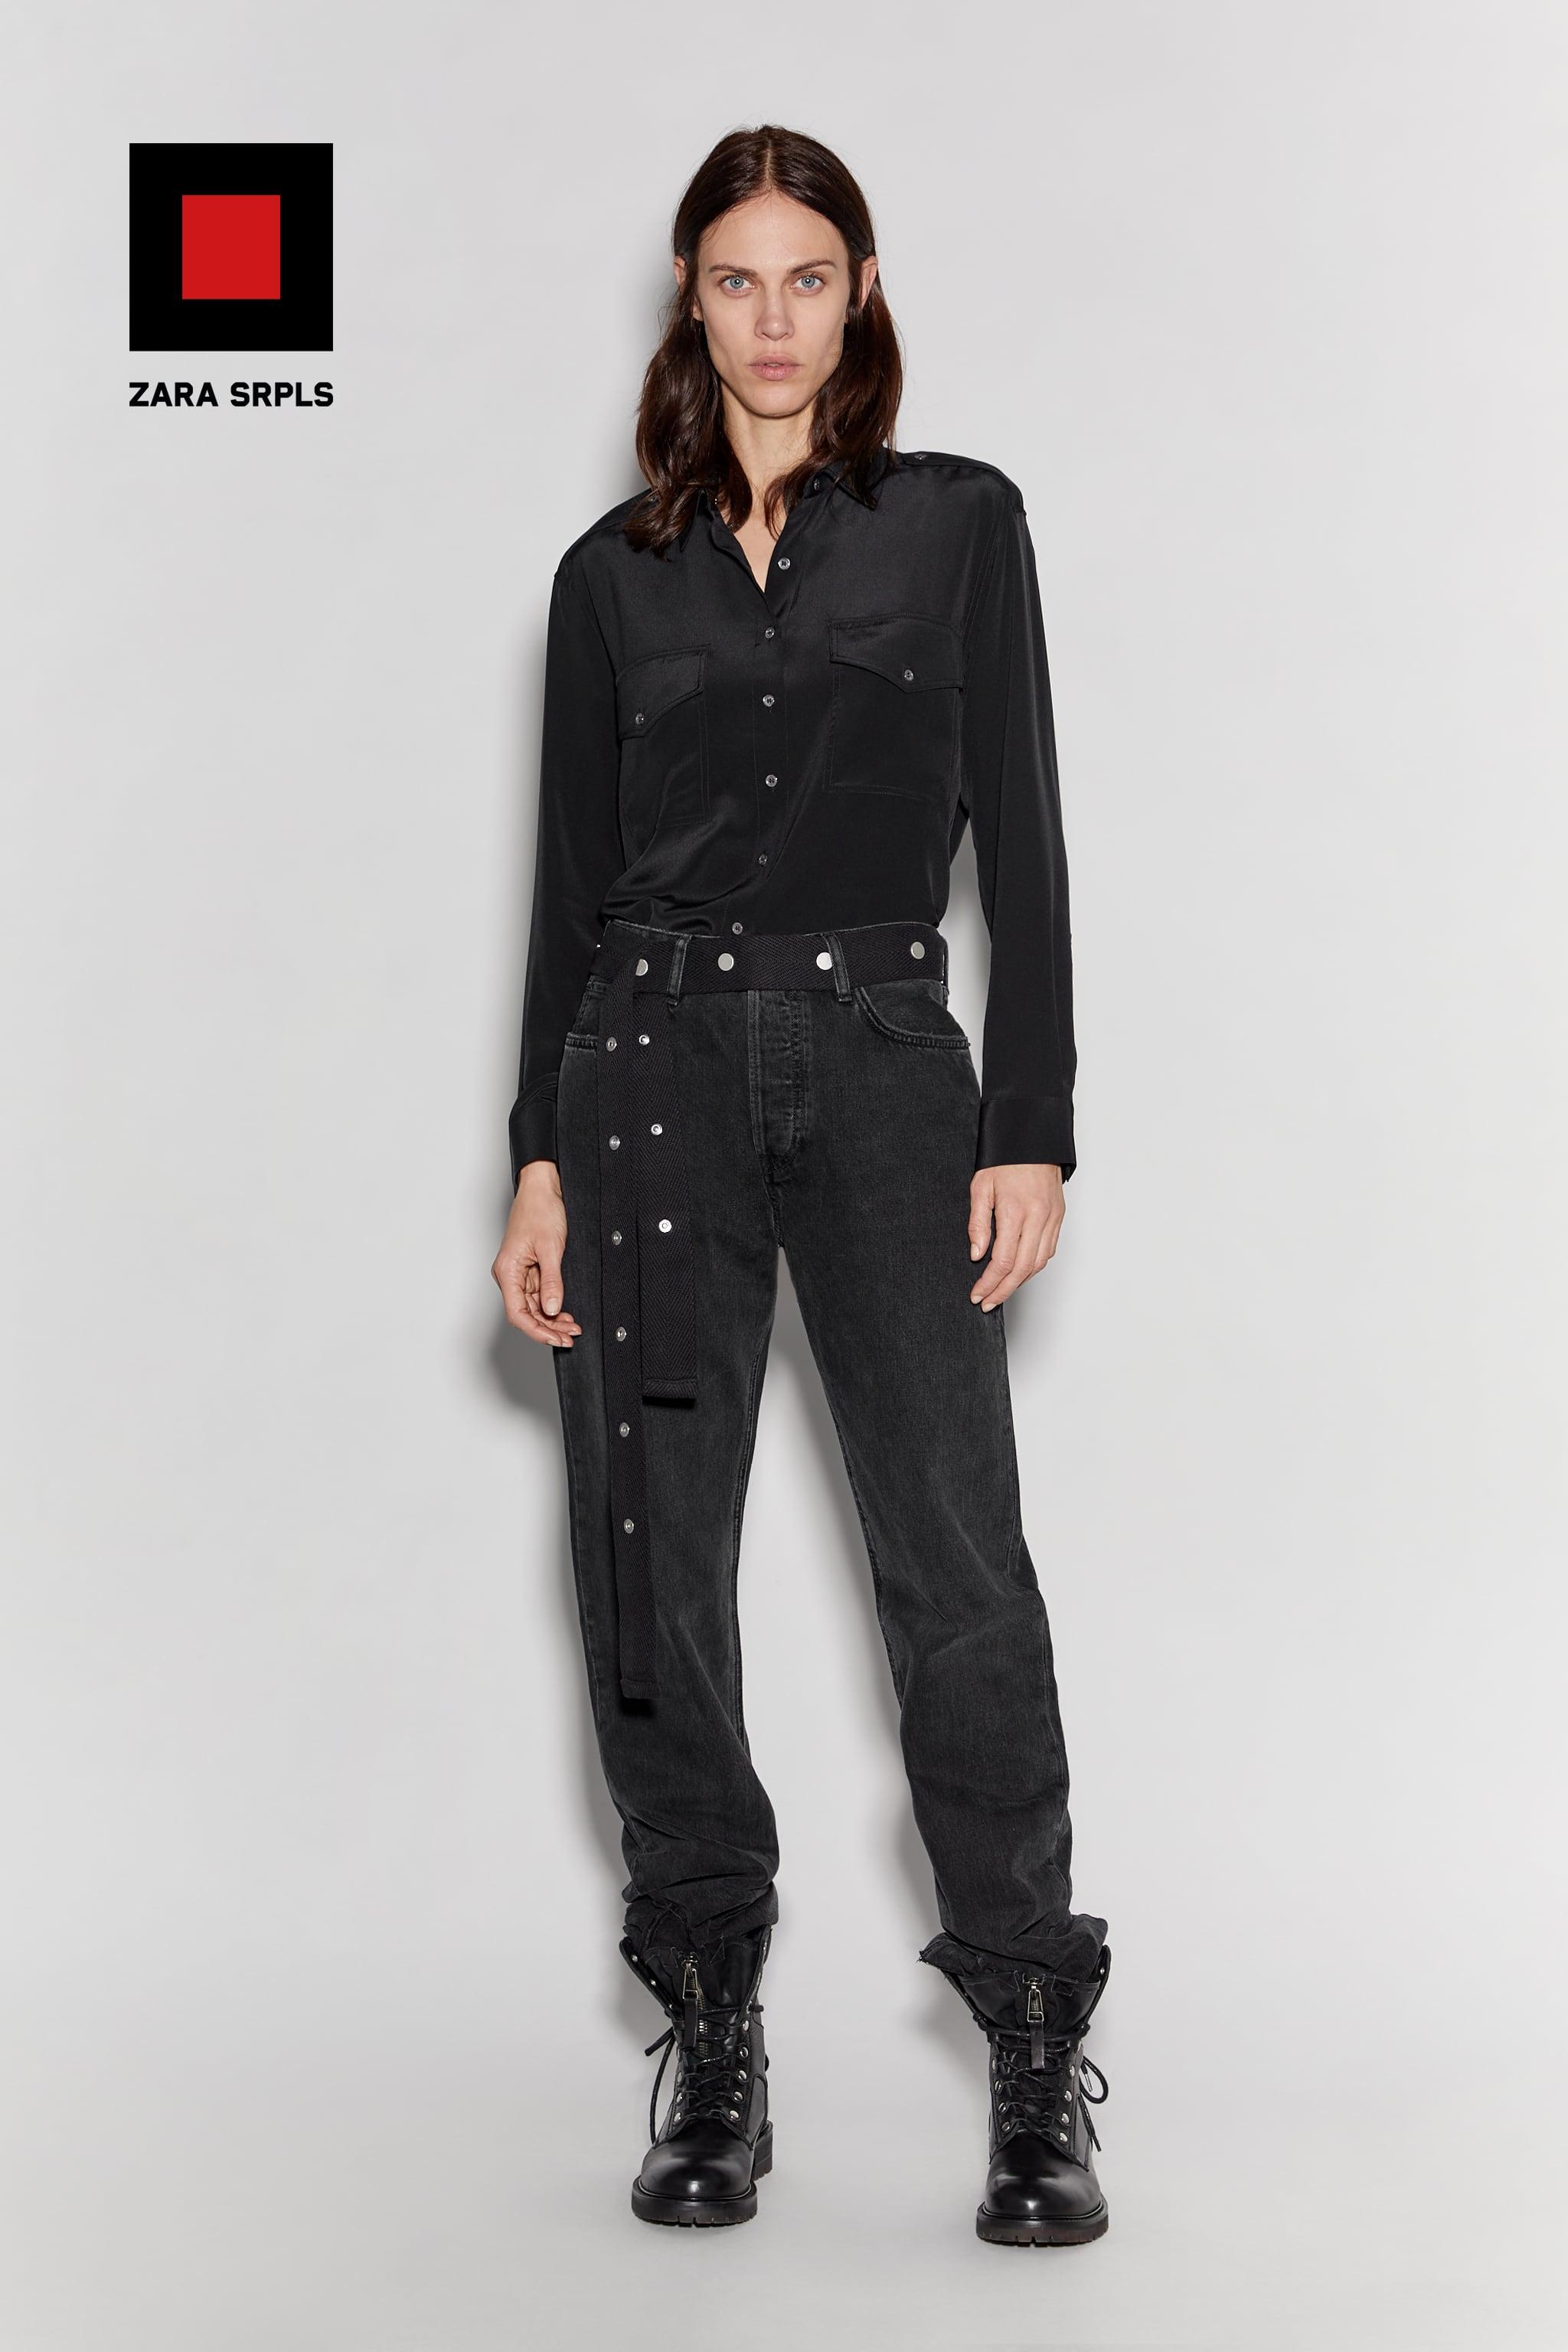 Zara SLK SHRT 01 b6219691cdc